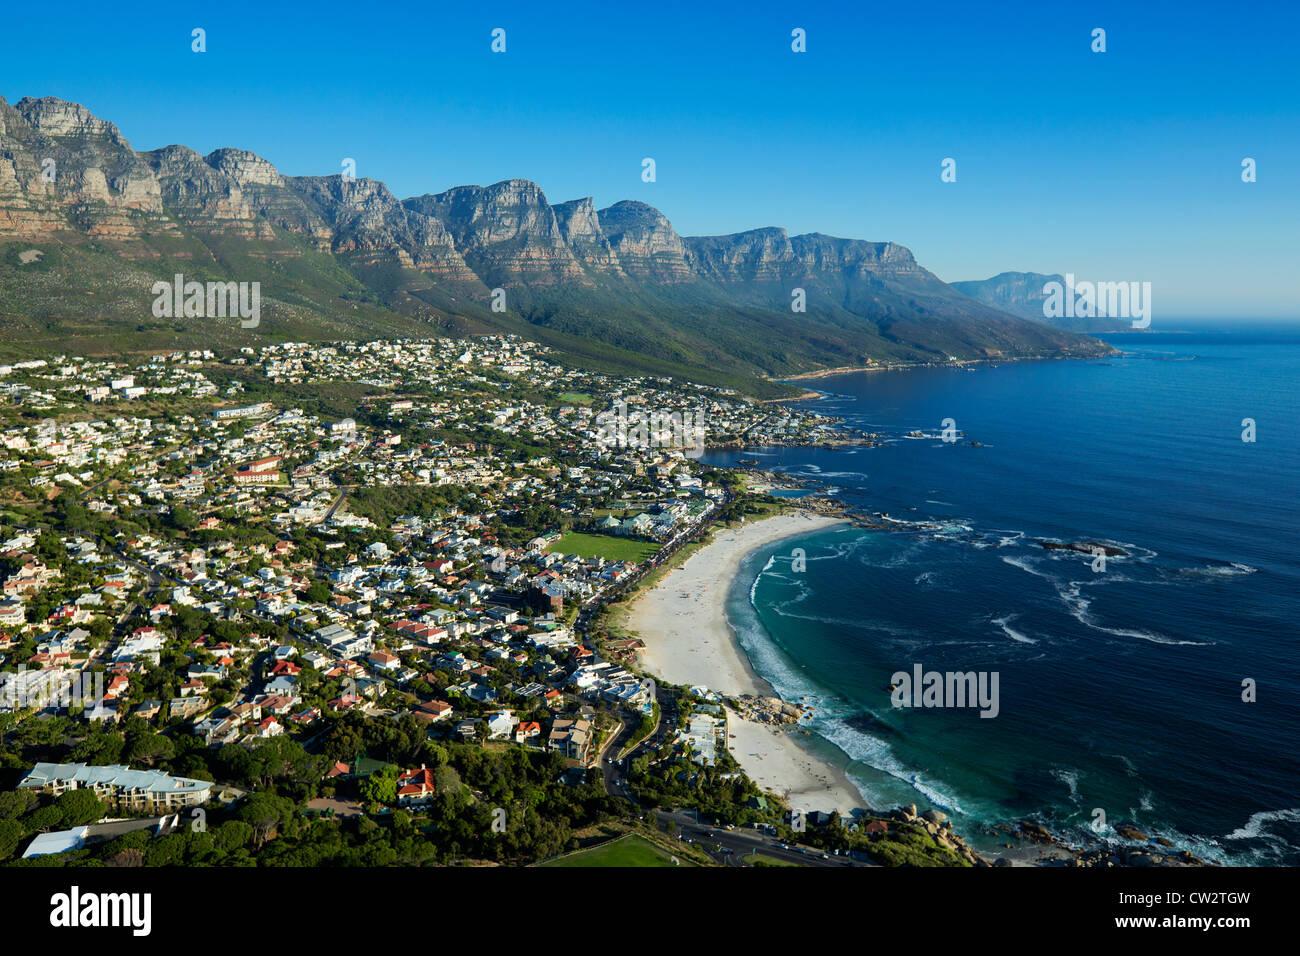 Luftaufnahme von Camps Bay mit Blick auf die zwölf Apostel Bergkette. Cape Town.South Afrika Stockbild